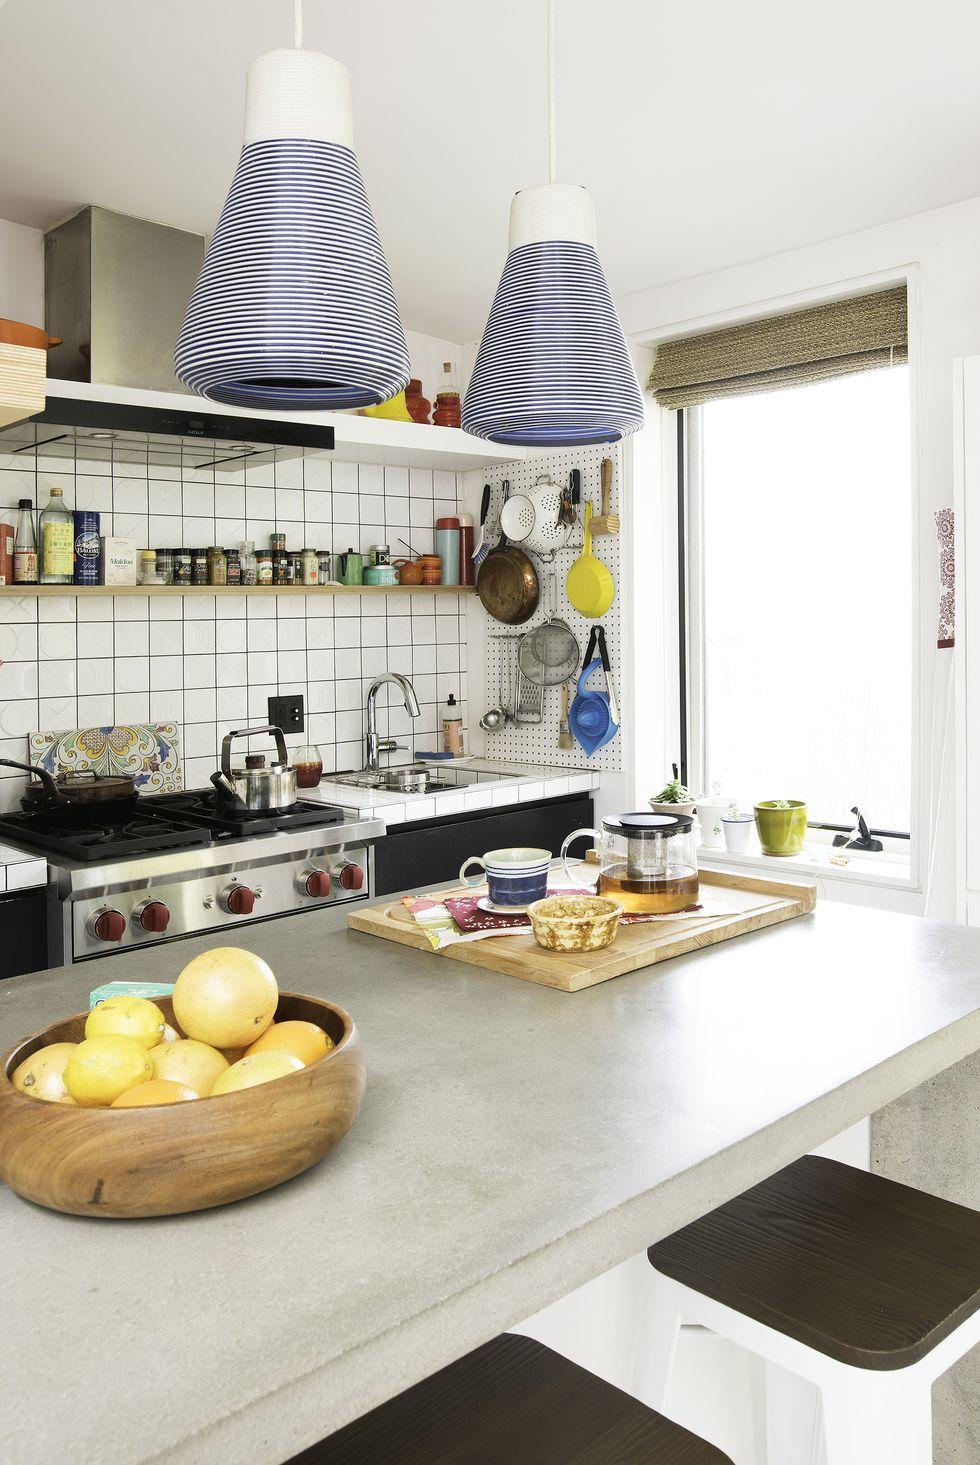 آشپزخانه مدرن کوچک با دیوار سفید و میز کار طوسی